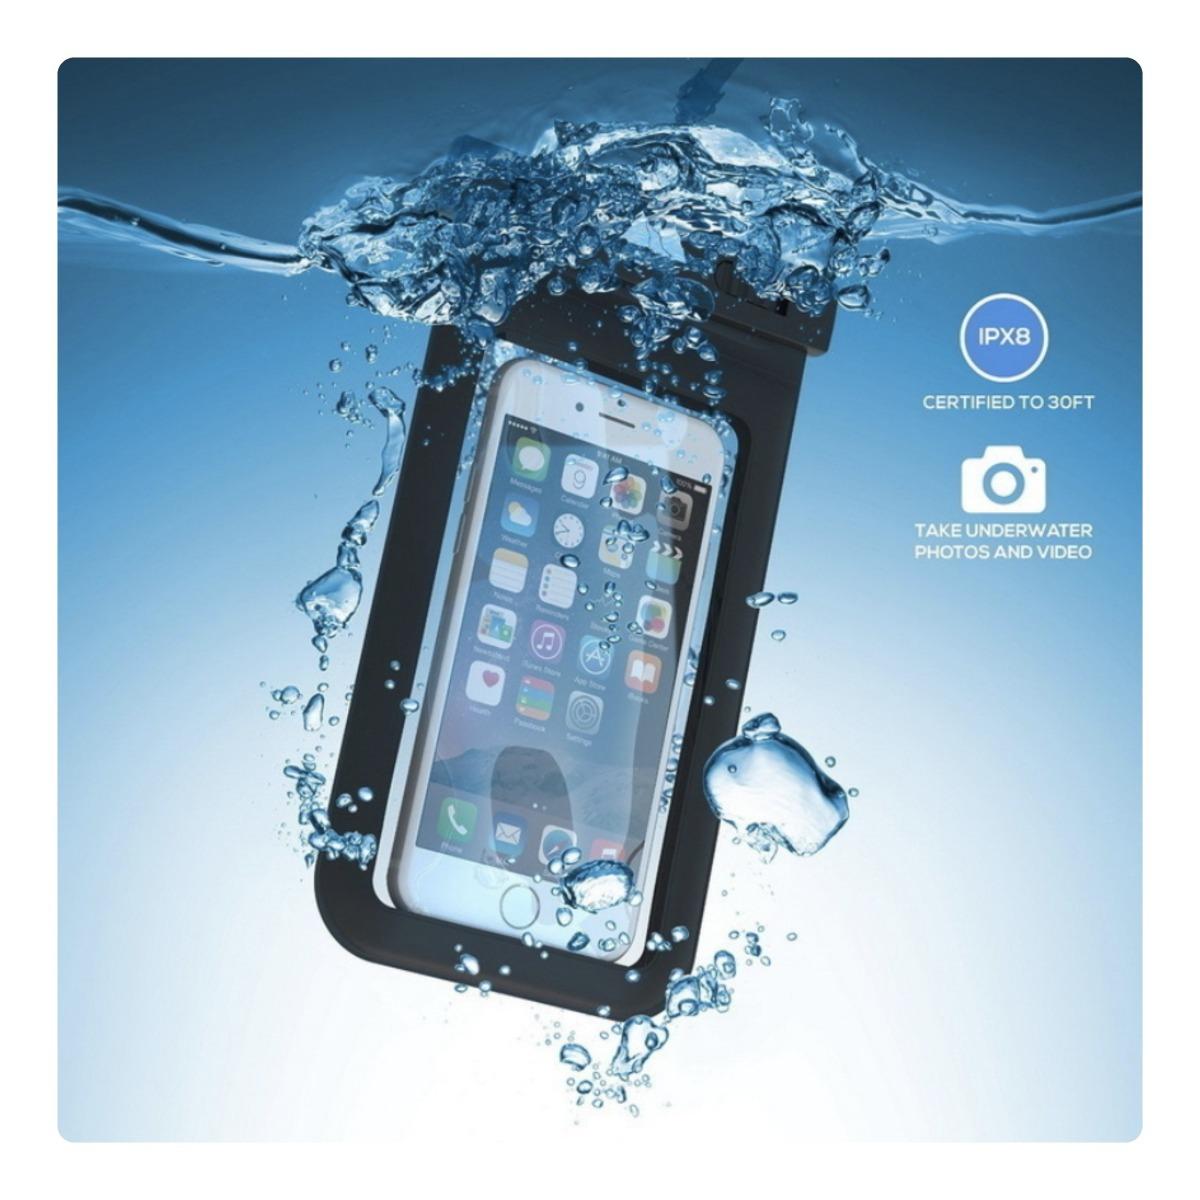 dbd1cdf0459 funda sumergible universal waterproof celular dinero llaves. Cargando zoom.